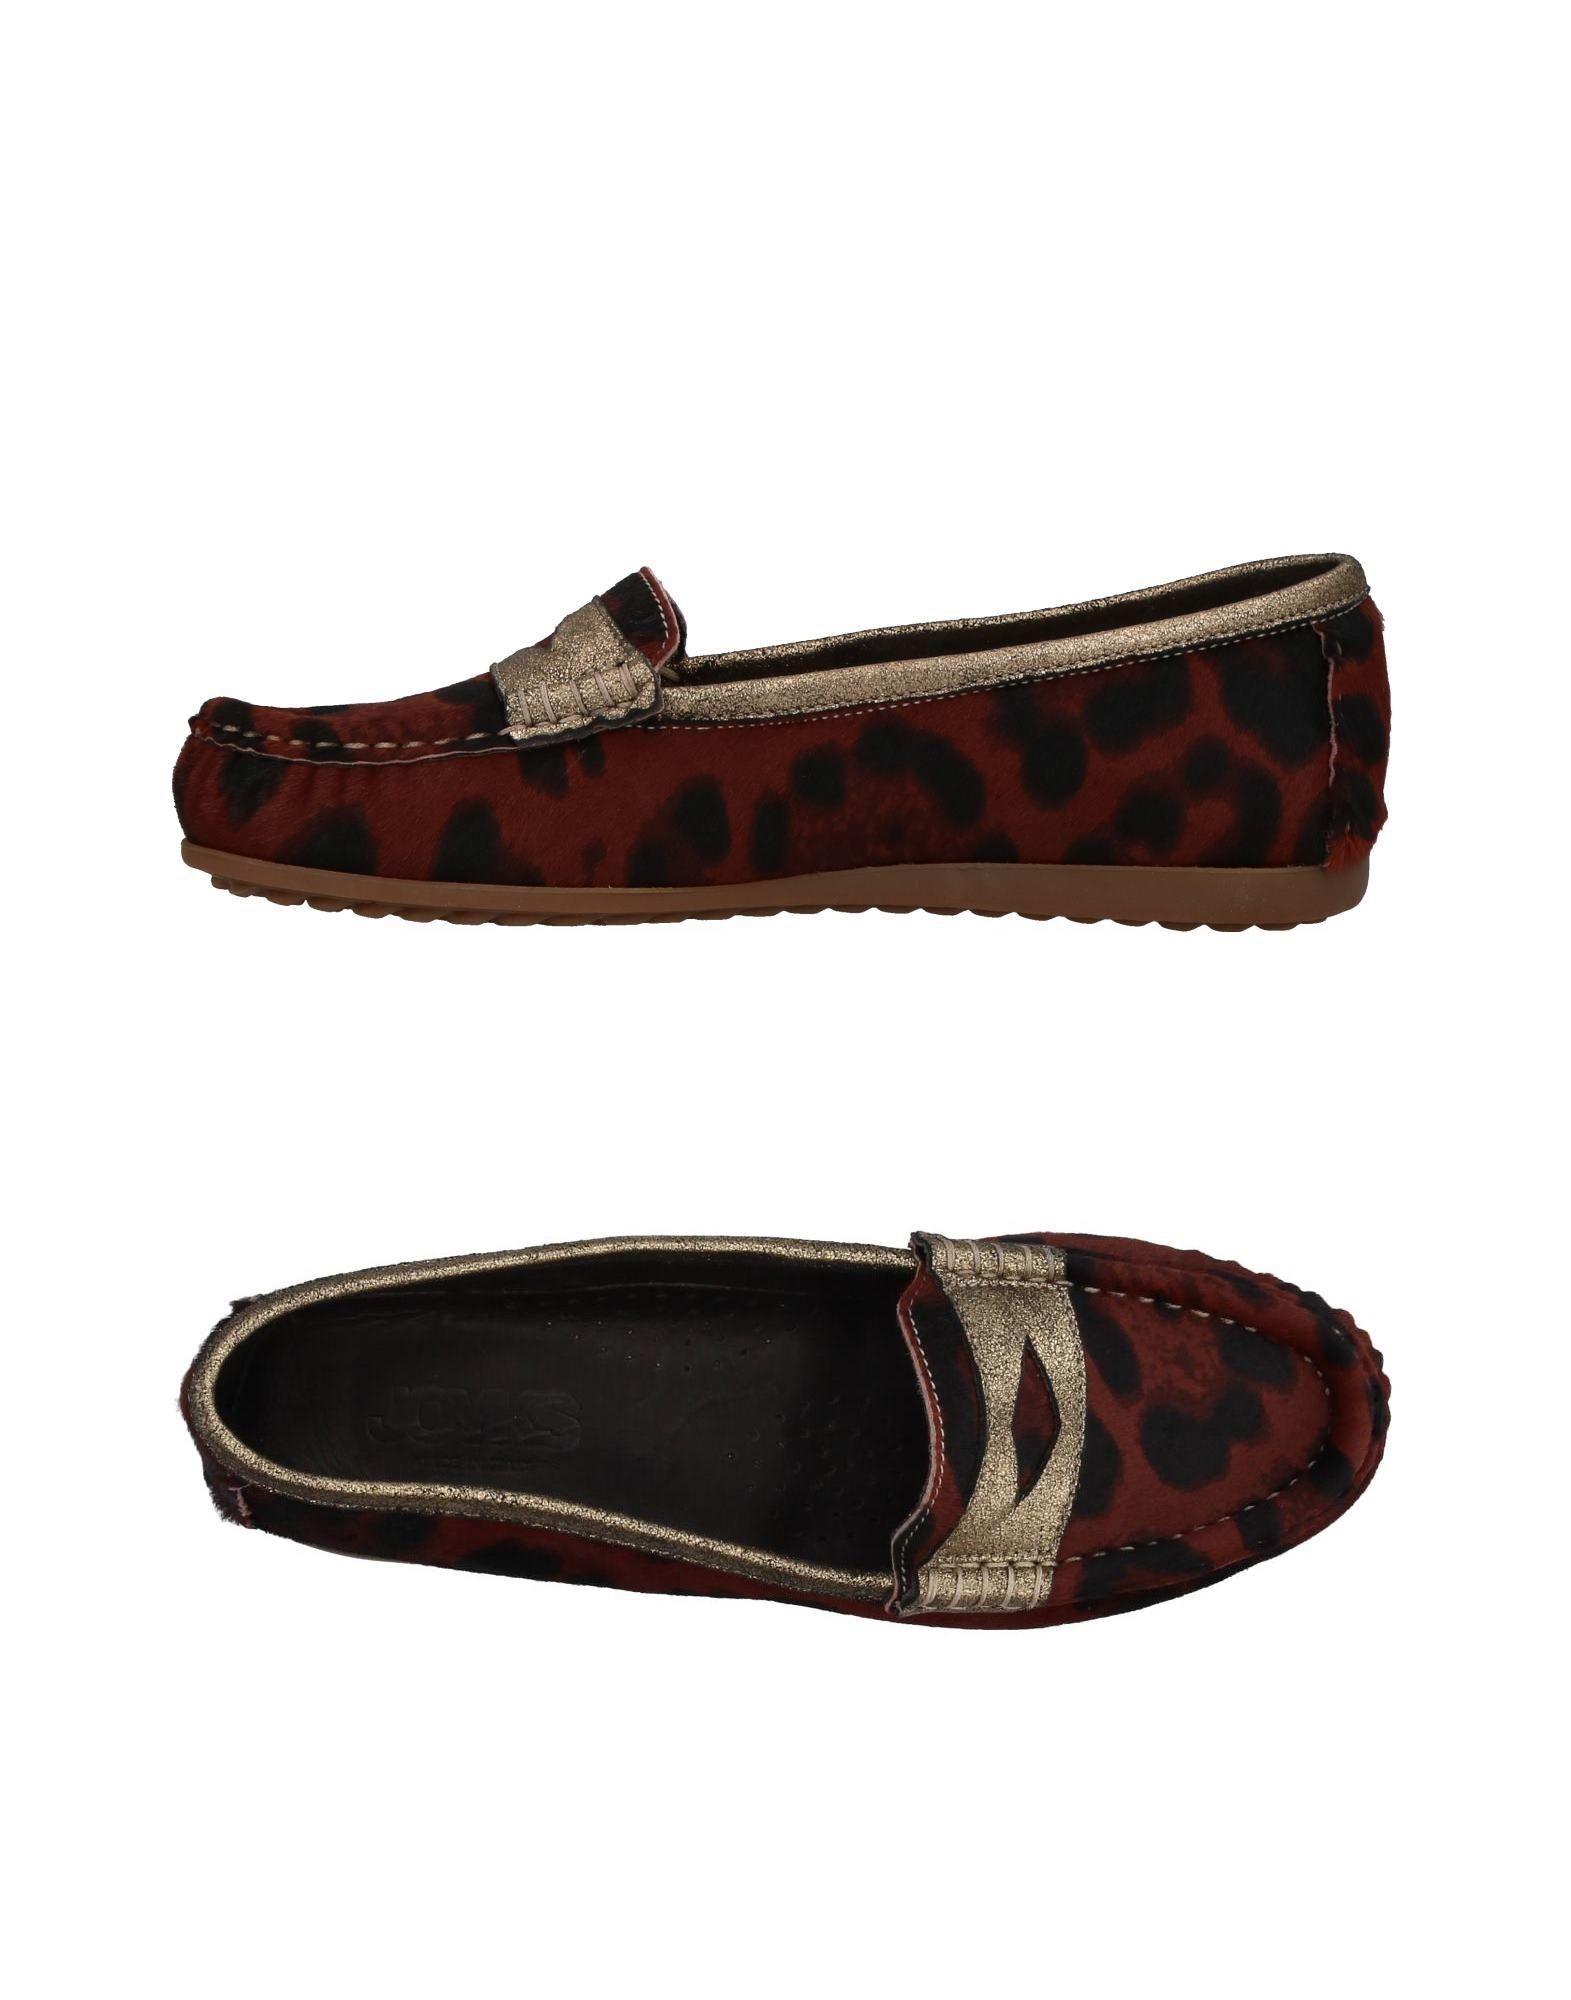 Joyks Mokassins Damen  11405534UC Gute Qualität beliebte Schuhe